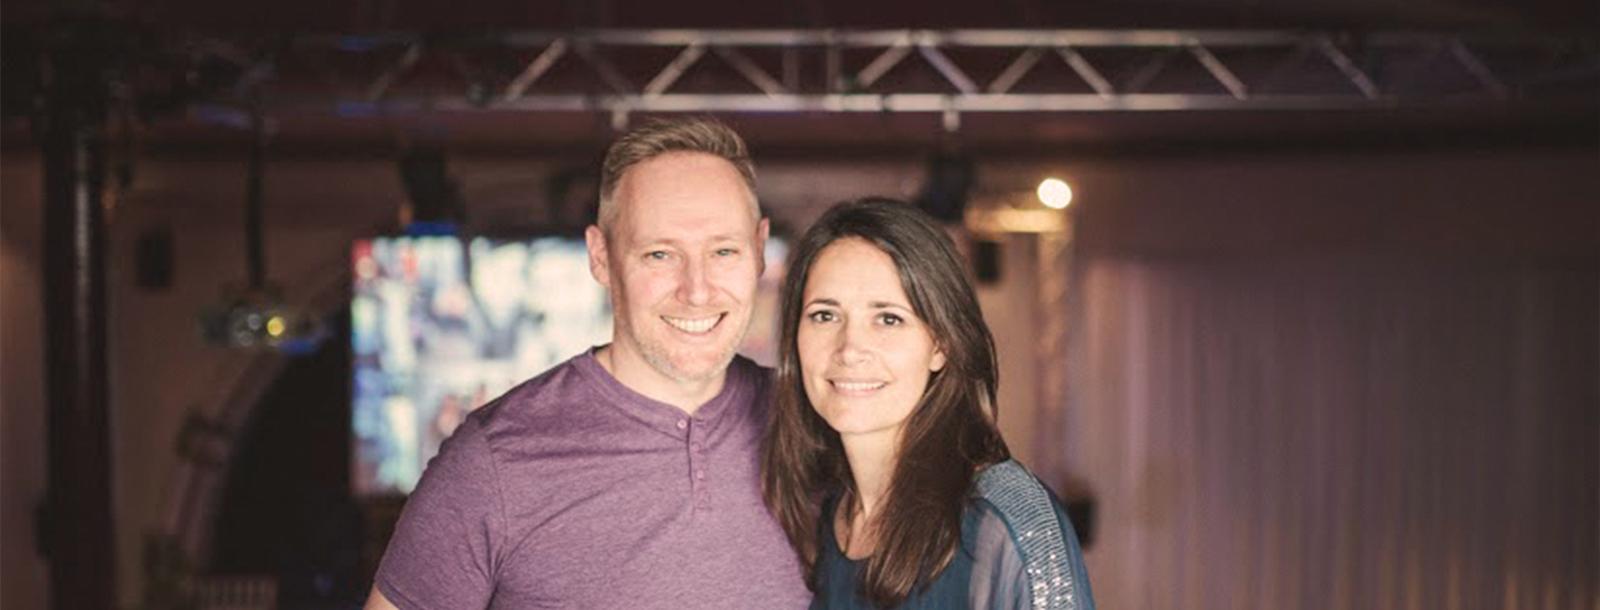 Jon & Dee Cook, Newcastle Campus Pastors